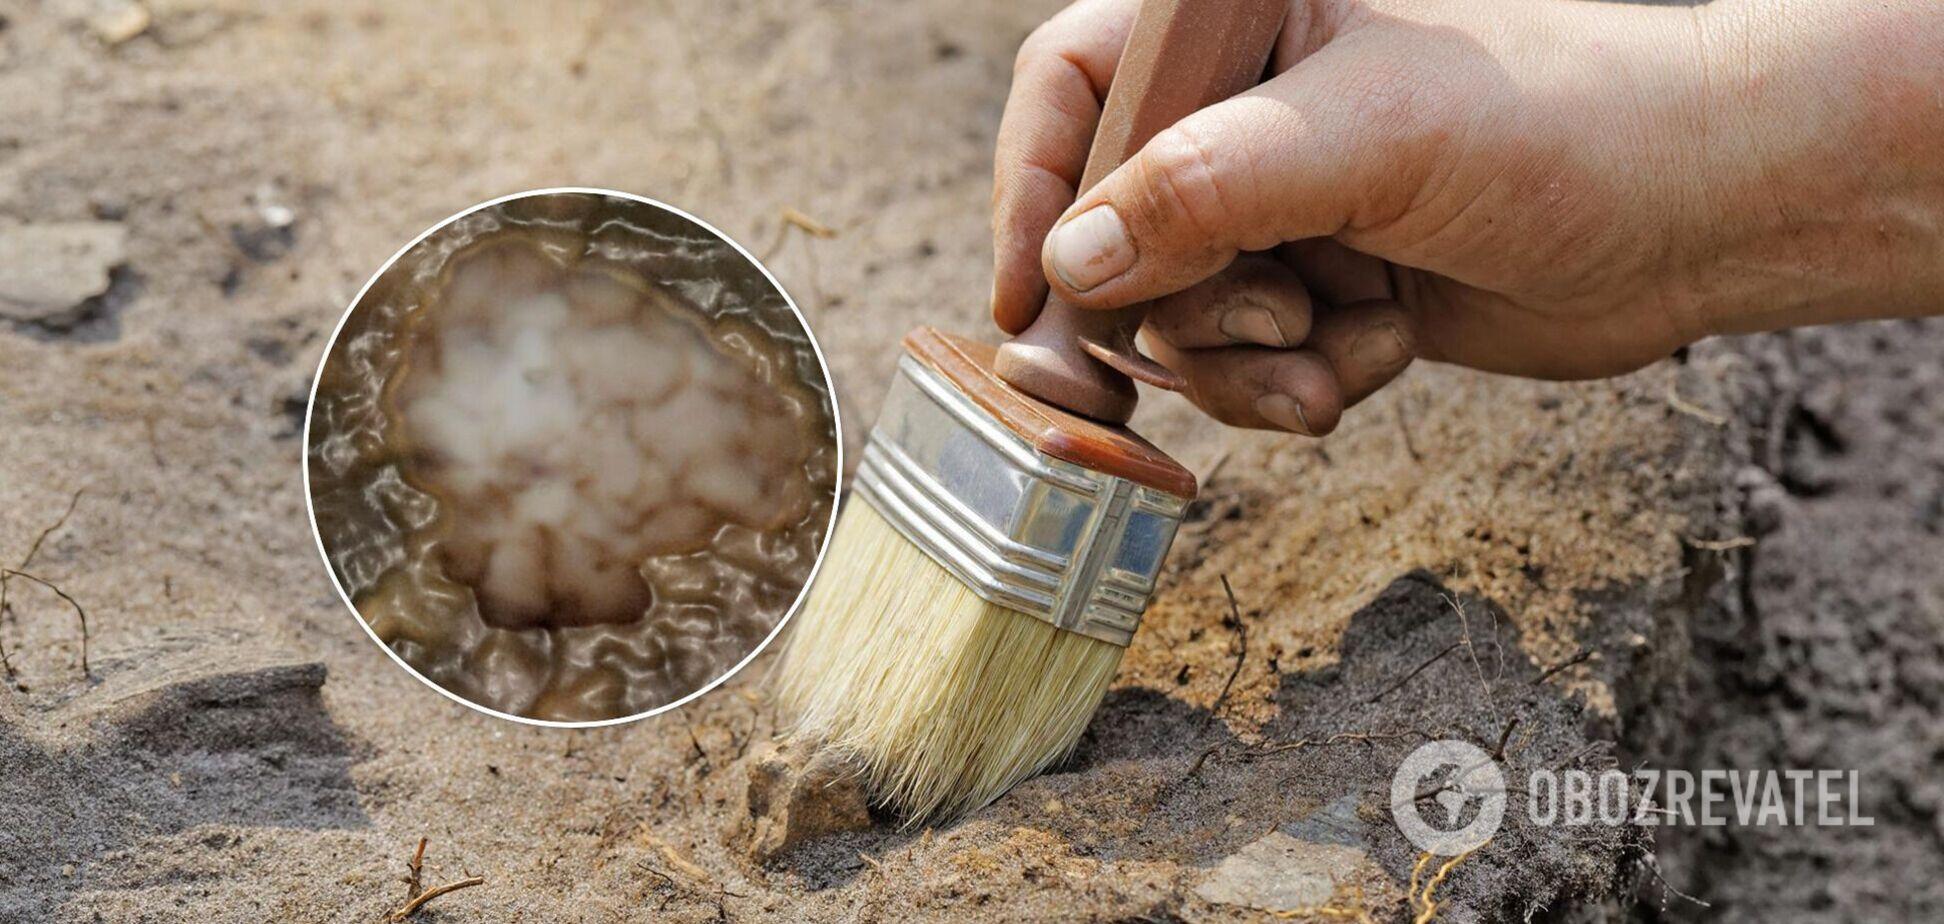 Скам'янілість віком в мільярд років поставила під сумнів теорію про зародження життя. Фото